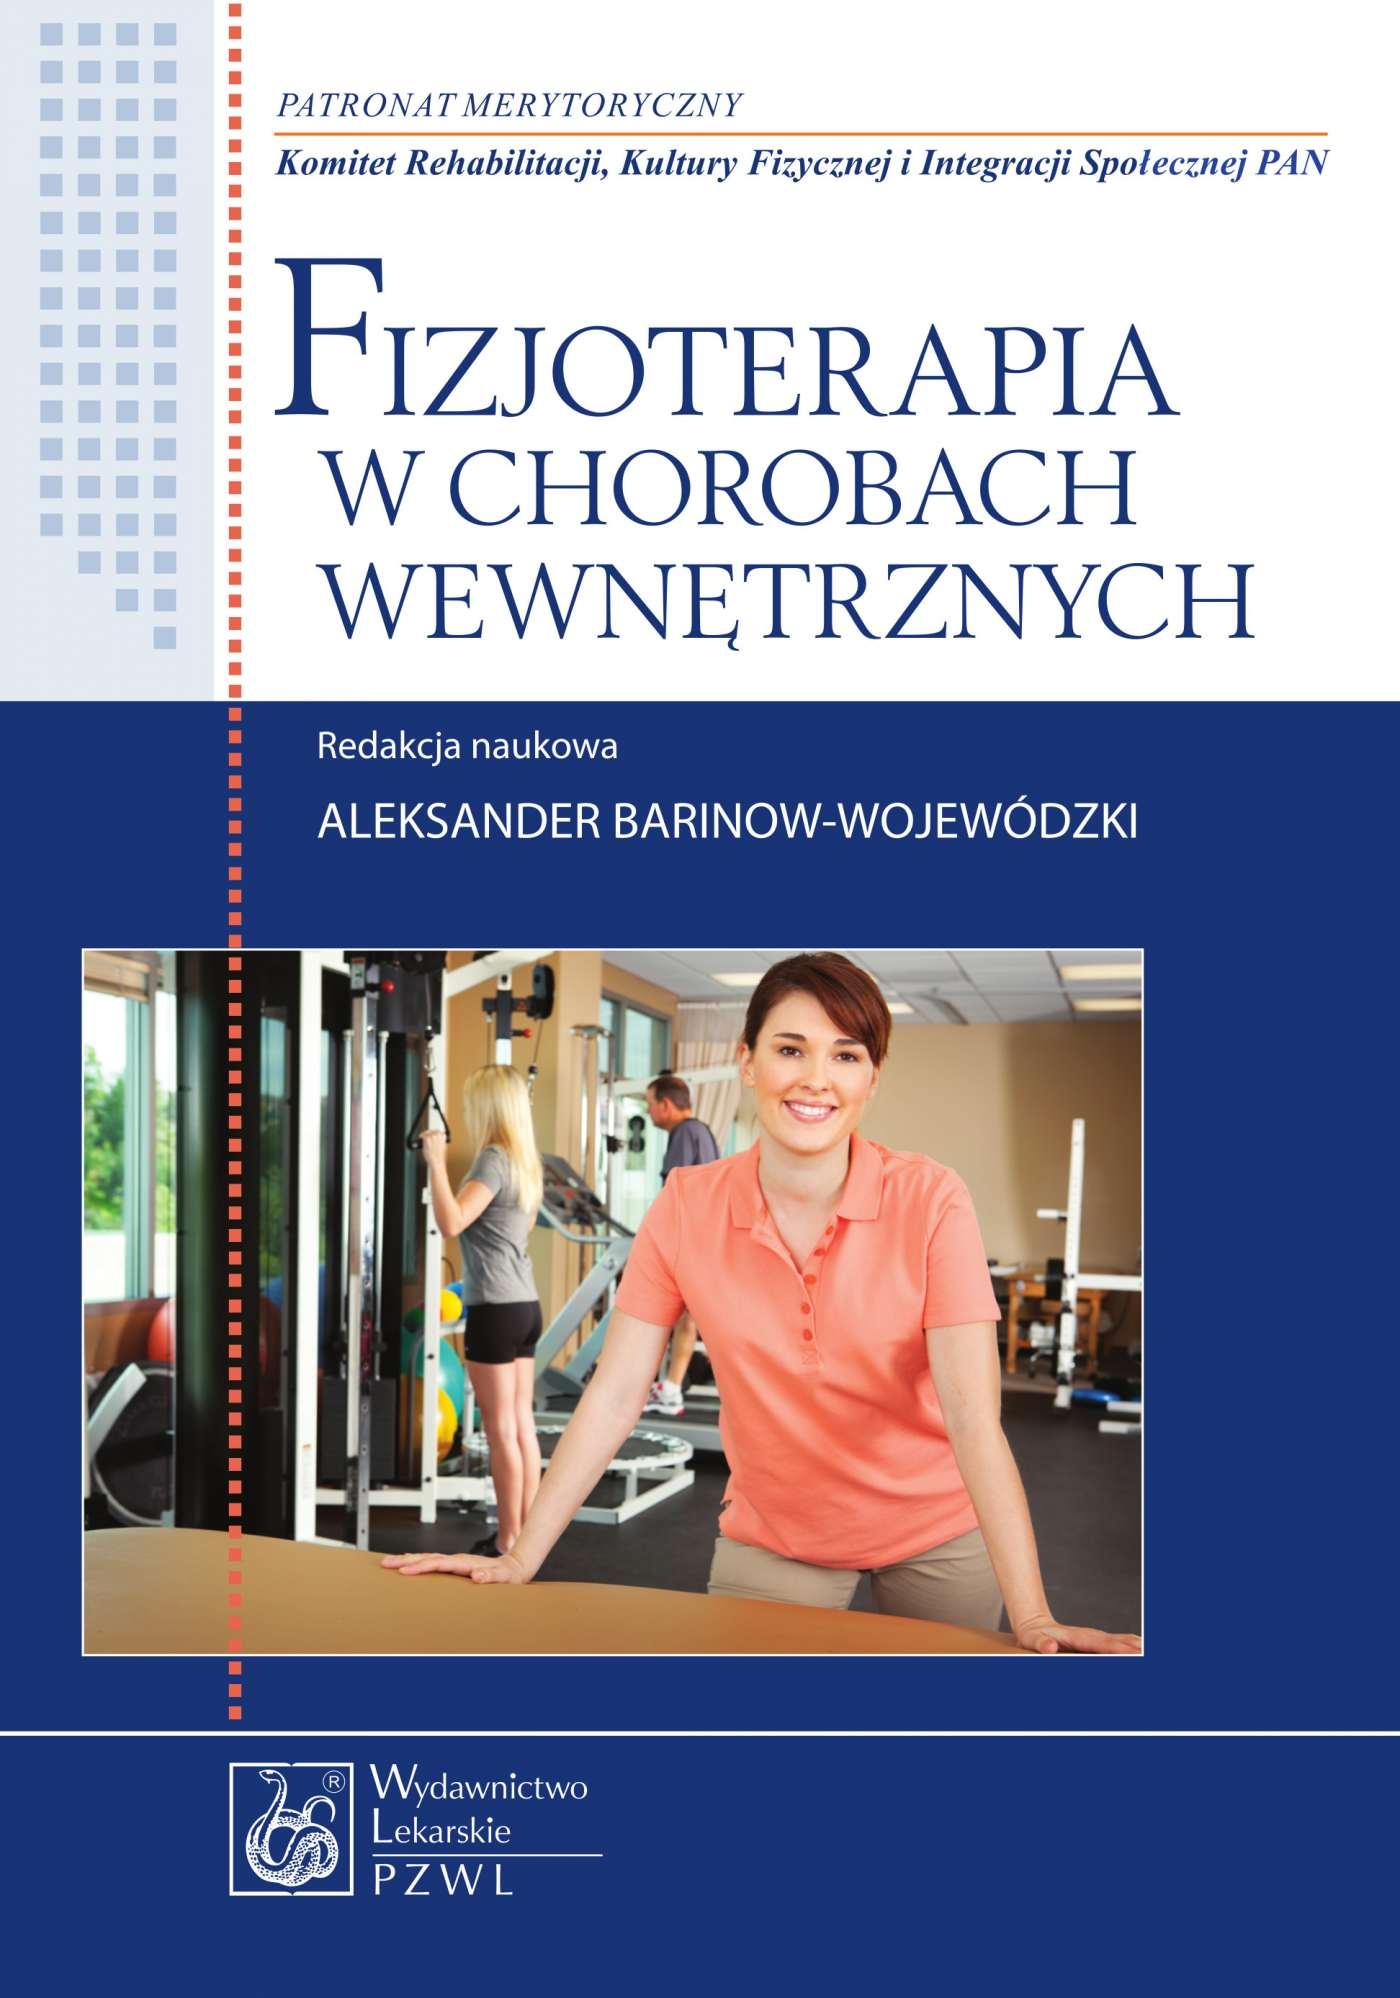 Fizjoterapia w chorobach wewnętrznych - Ebook (Książka na Kindle) do pobrania w formacie MOBI